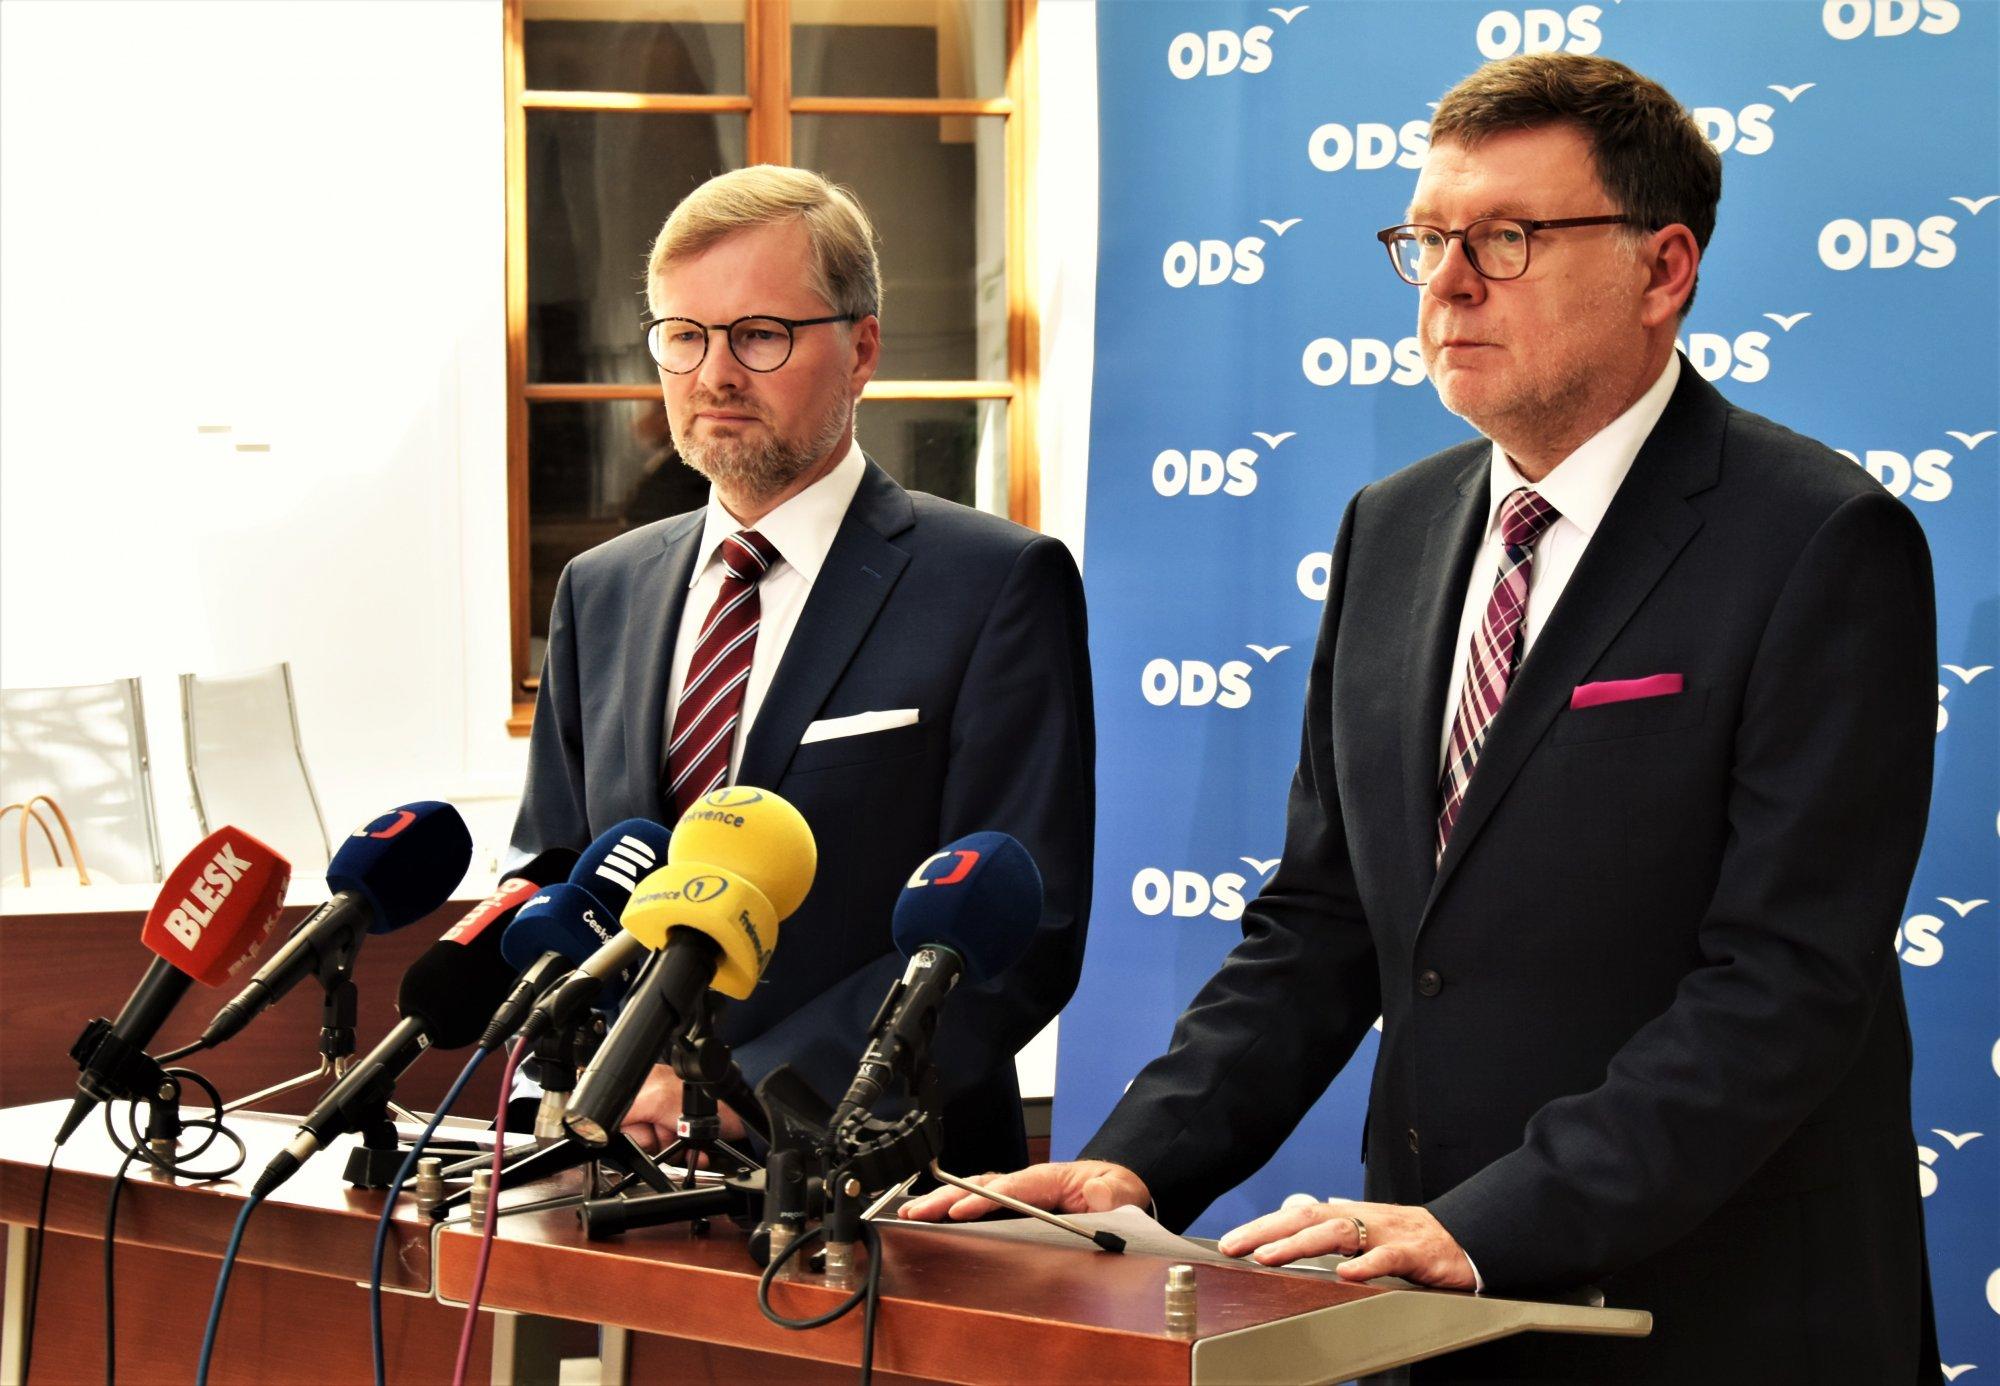 ODS: Hnutí ANO odmítlo udělat pořádek na ministerstvu dopravy